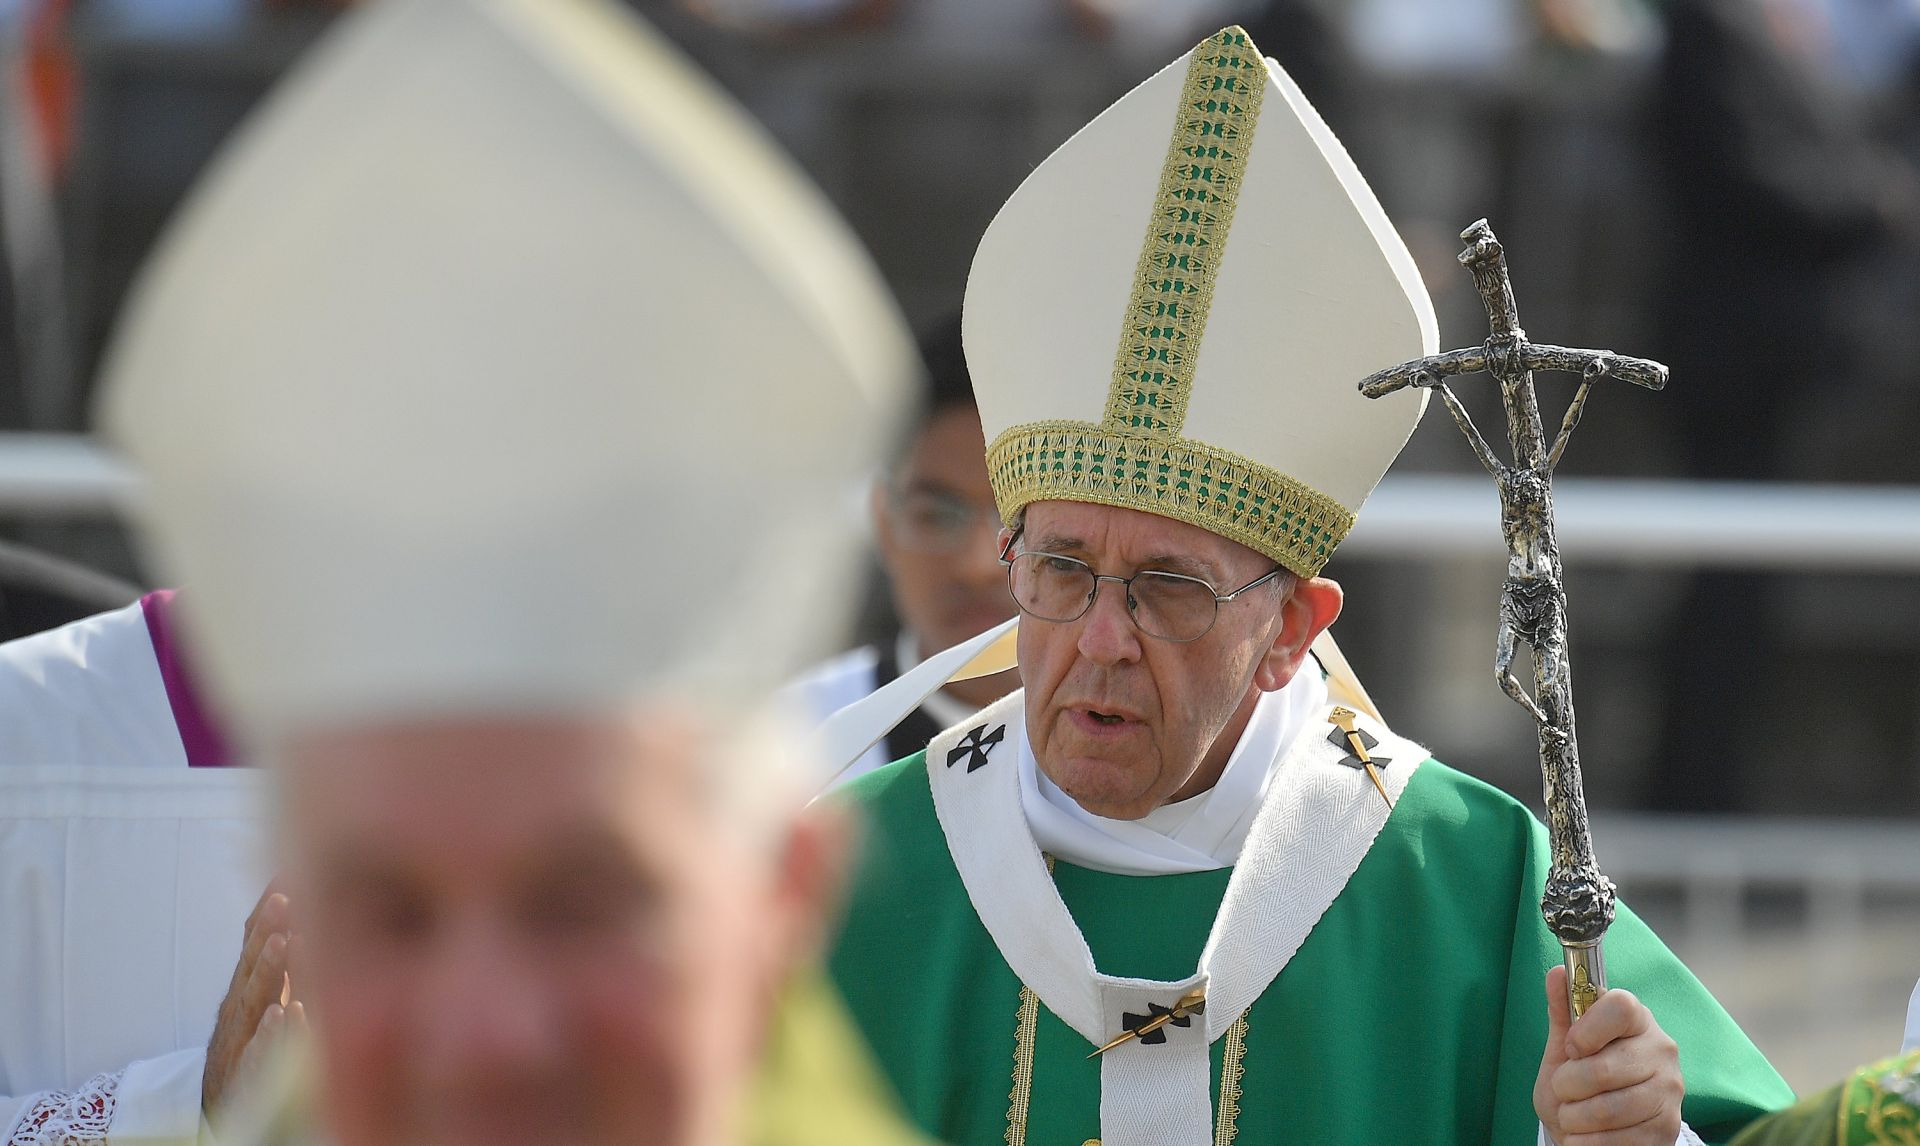 Papa razriješio svećenika u središtu skandala zlostavljanja u čileanskoj crkvi